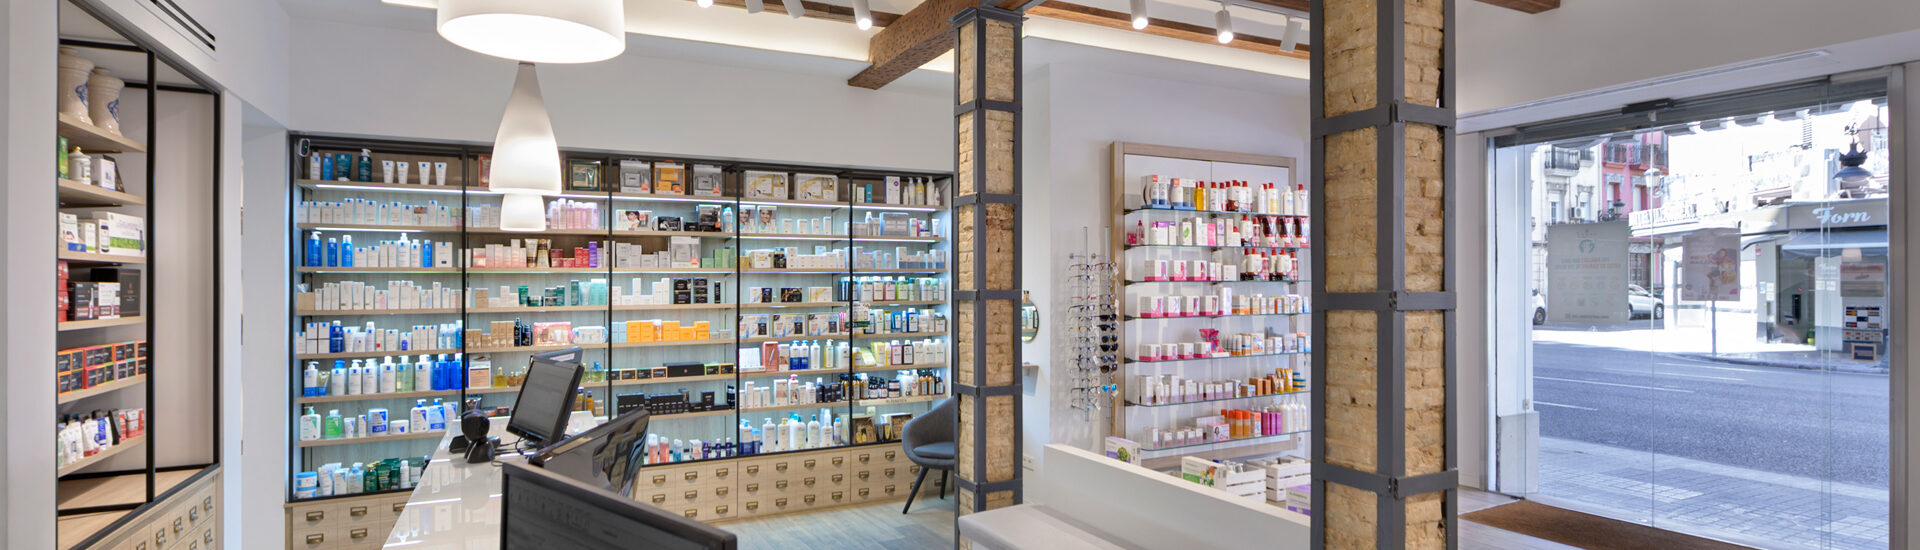 Vista interior farmacia sentandreu